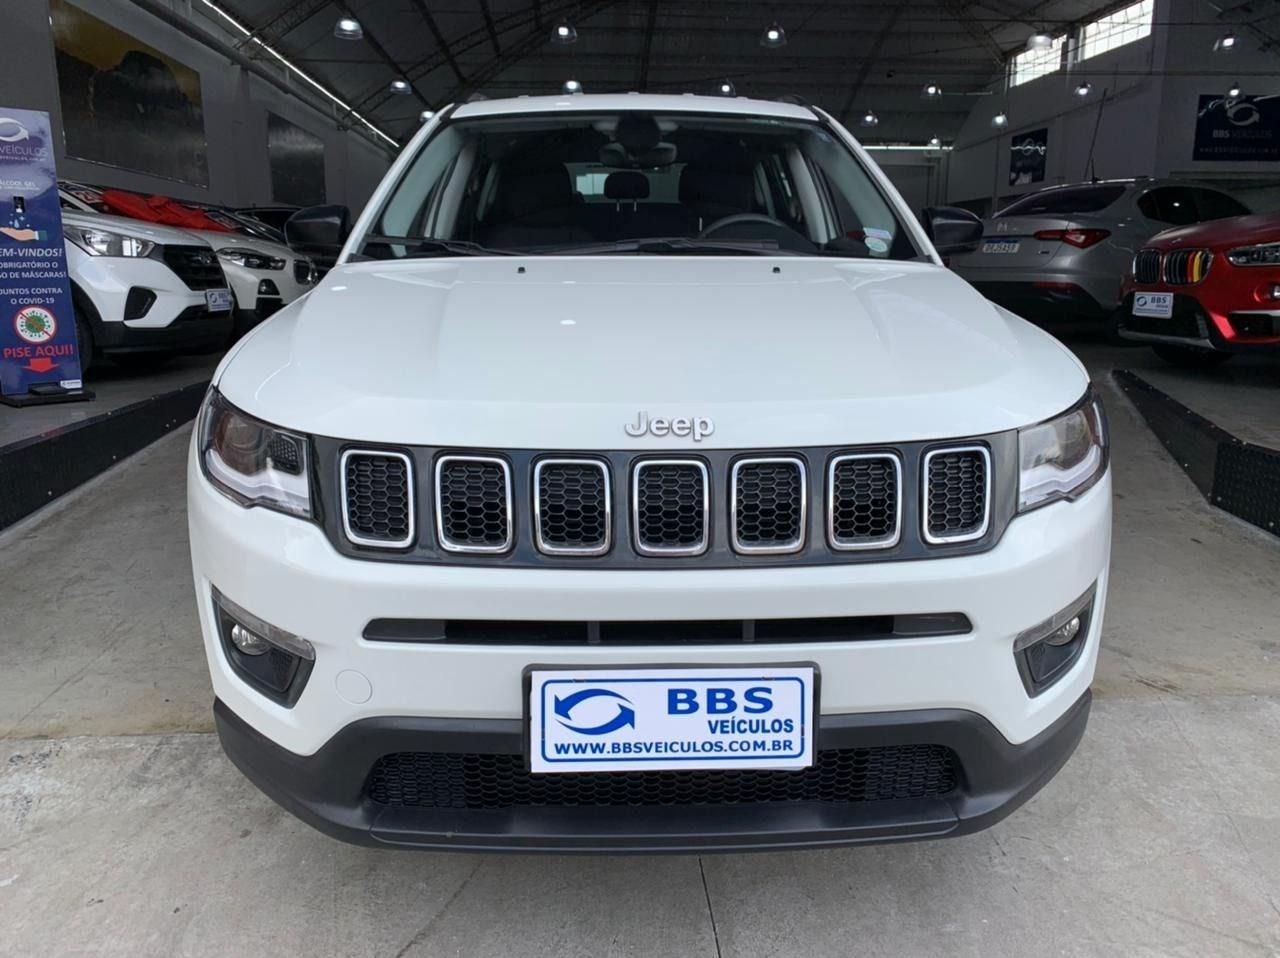 //www.autoline.com.br/carro/jeep/compass-20-sport-16v-flex-4p-automatico/2018/sao-paulo-sp/13569798